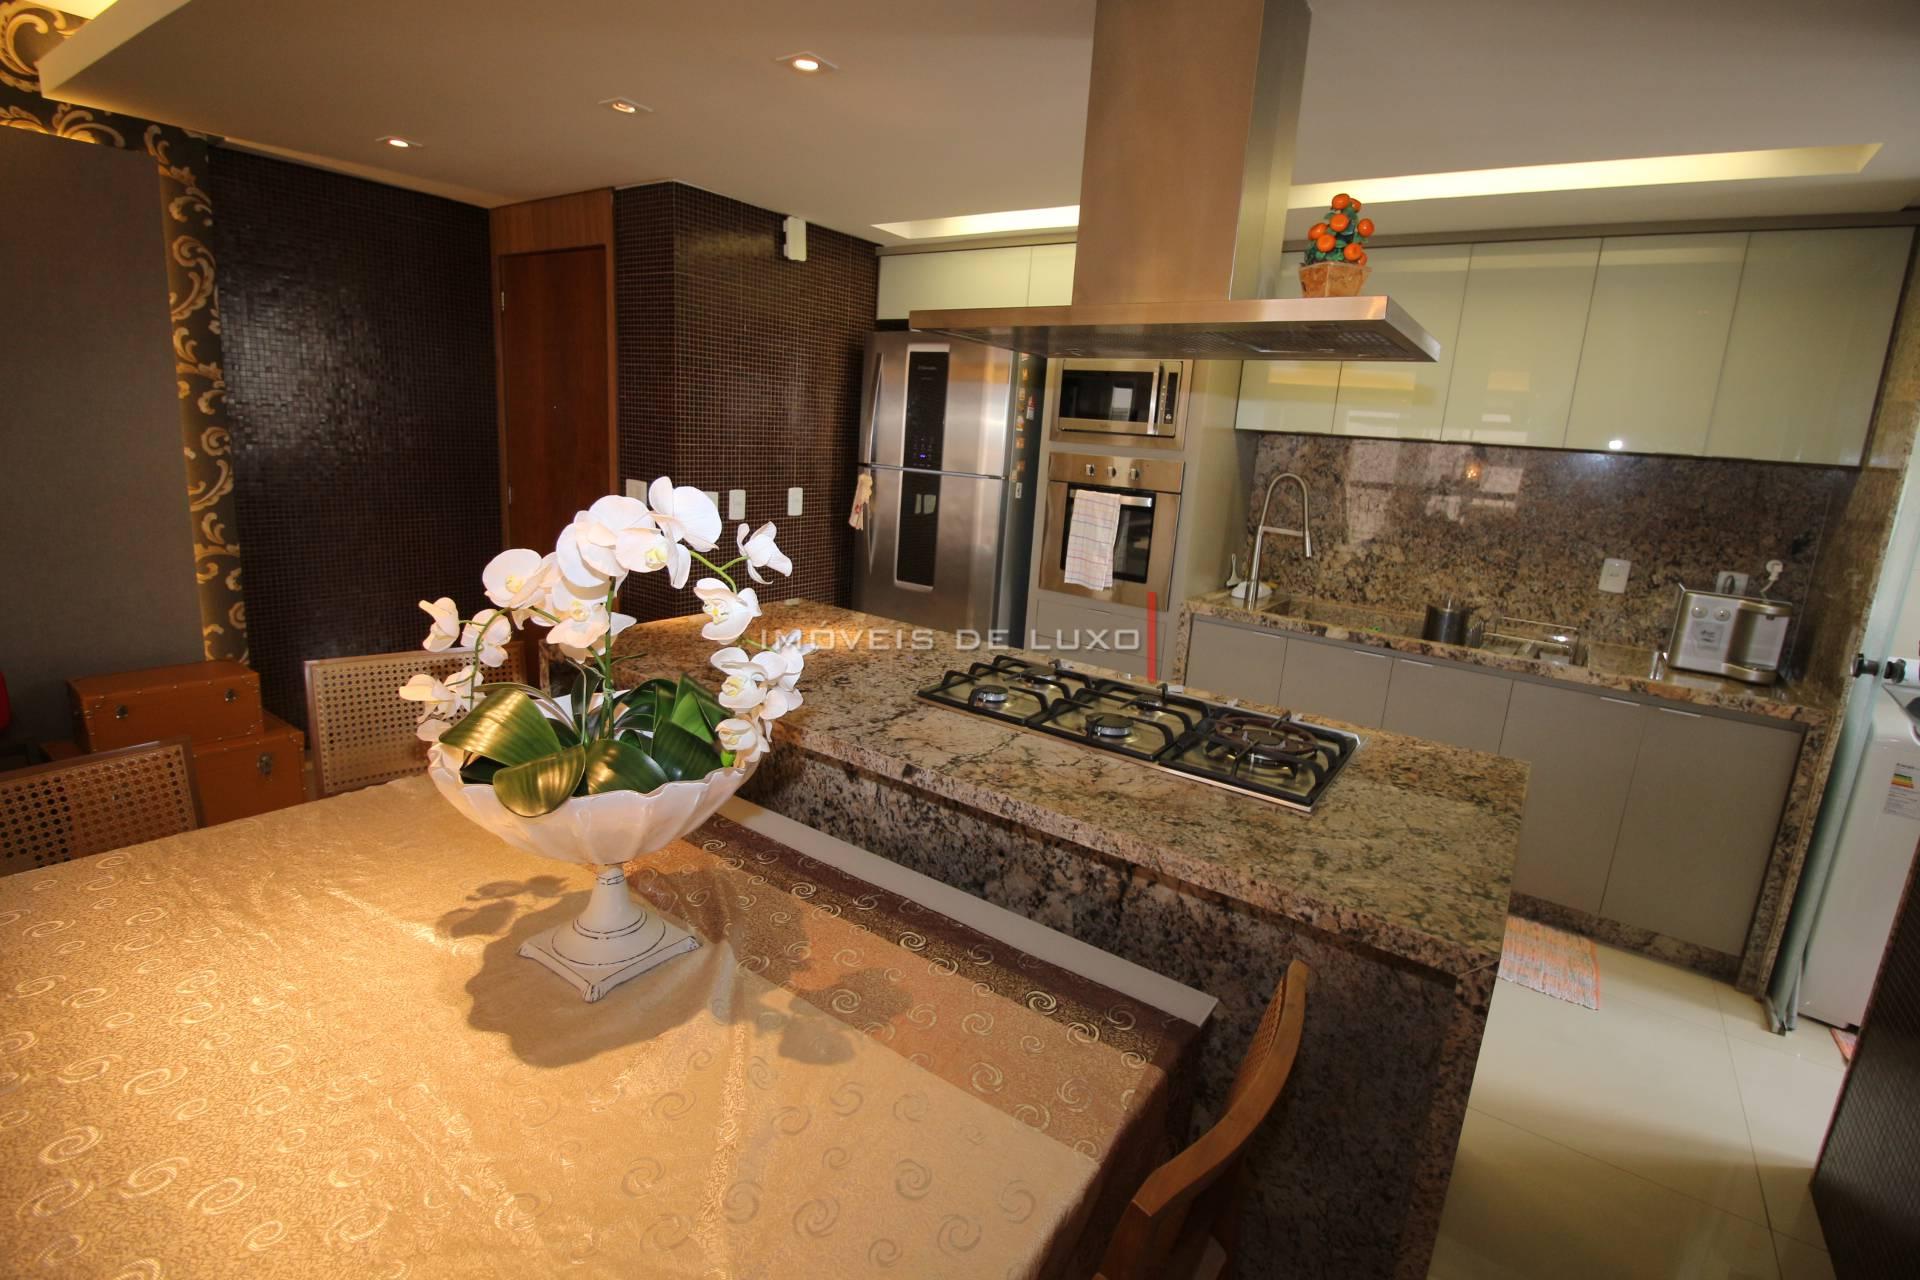 Imóveis de Luxo - Lindo Apartamento no Setor Bueno.